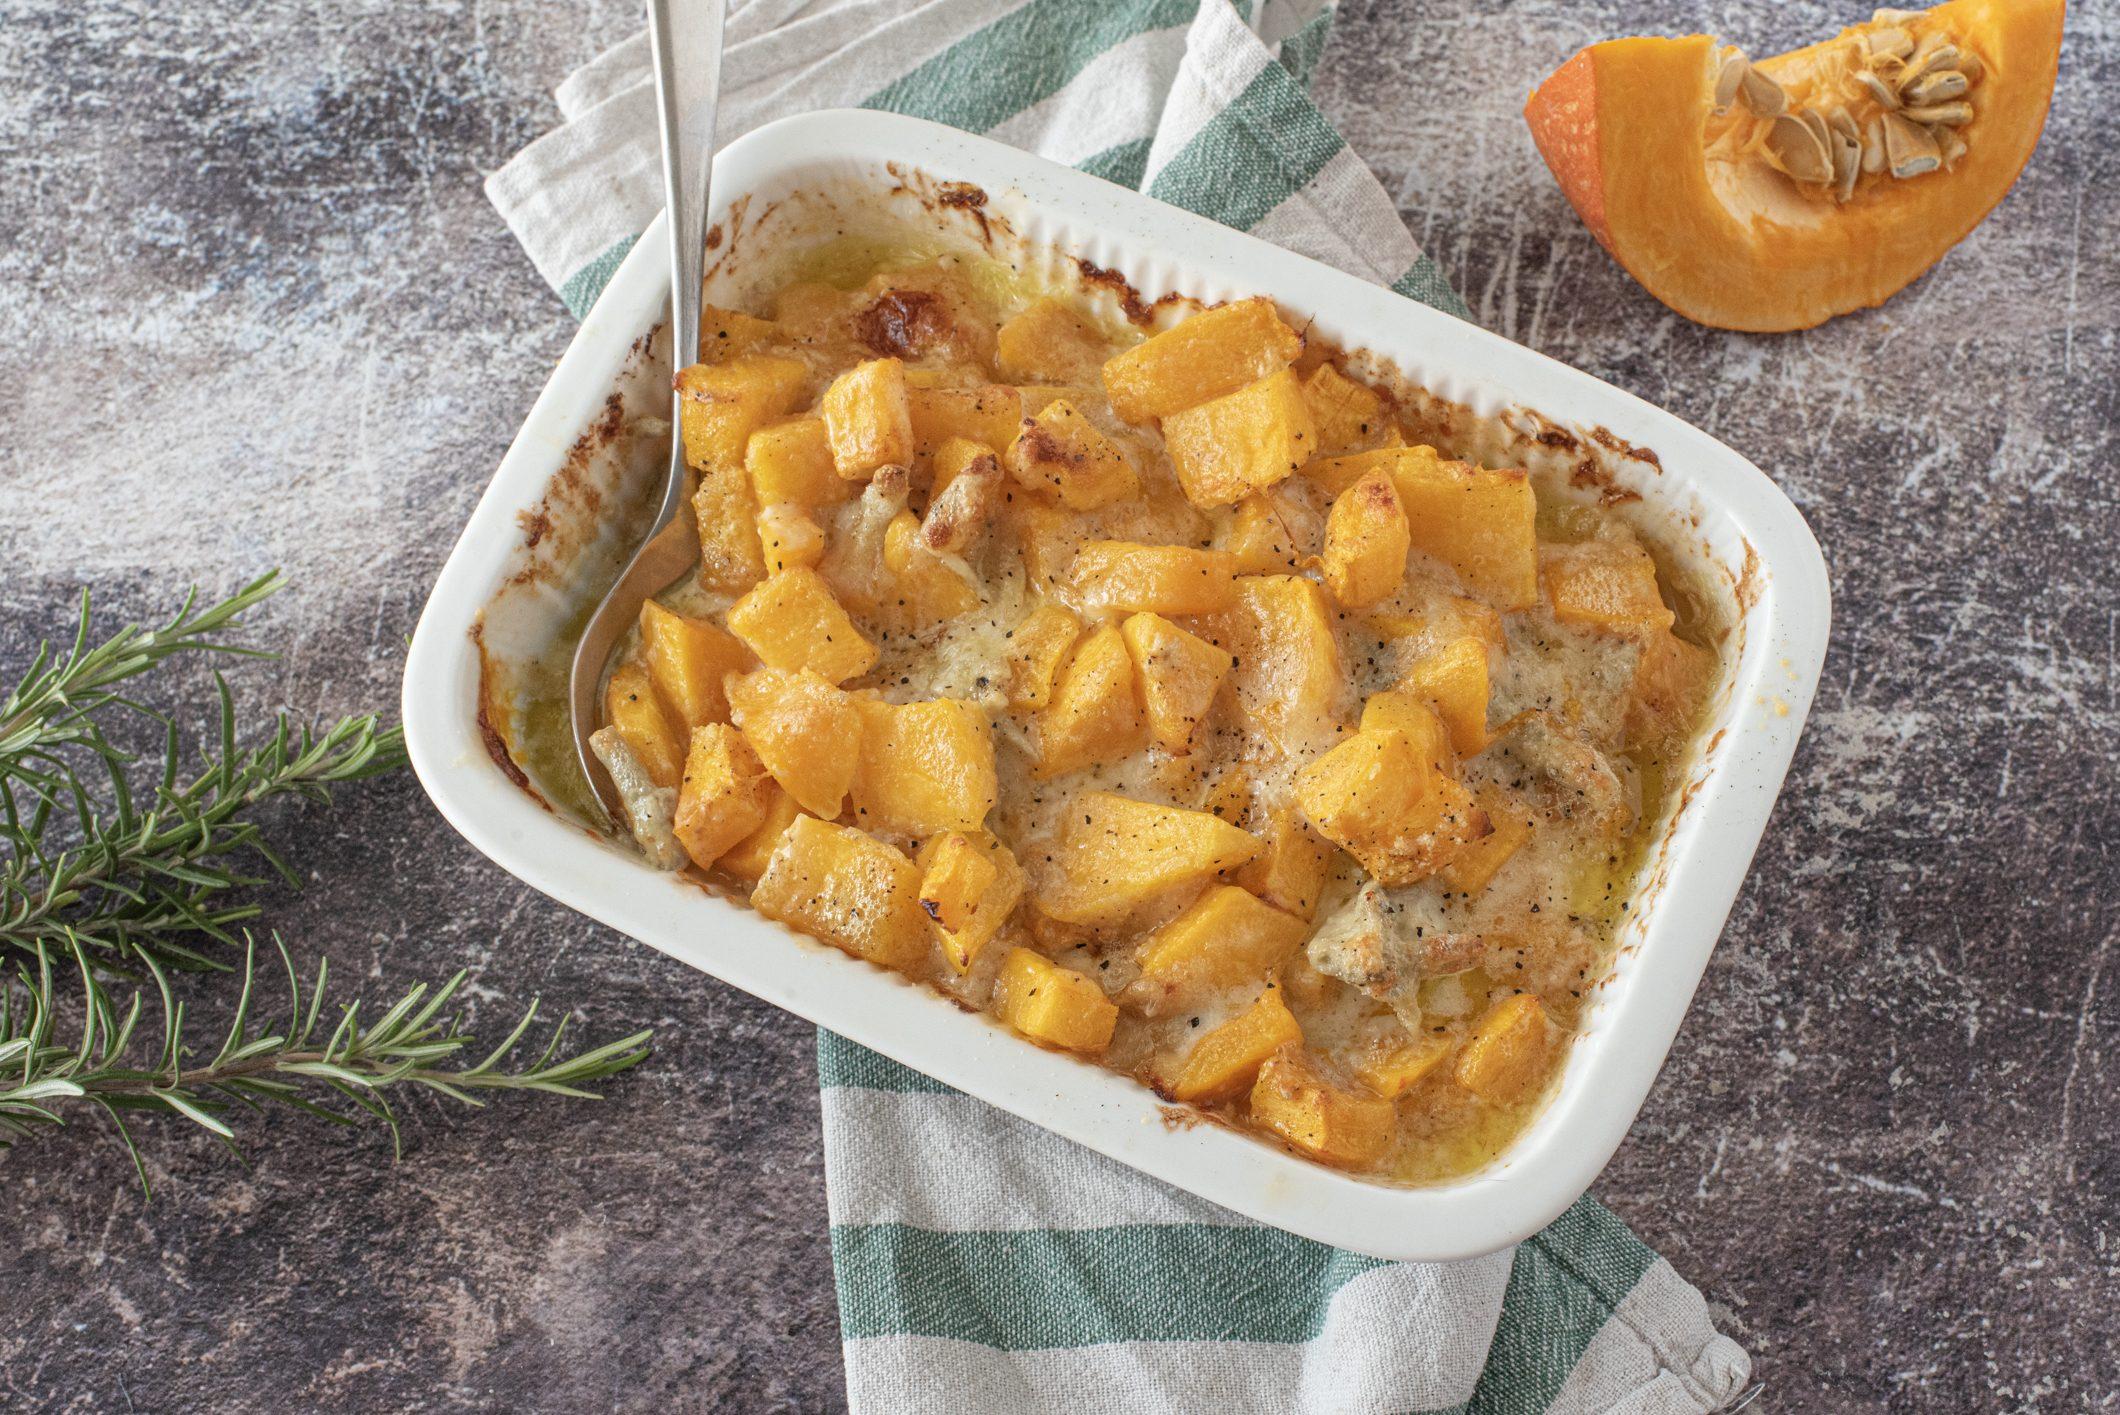 Cubetti di zucca al forno: la ricetta del piatto semplice e dal successo assicurato